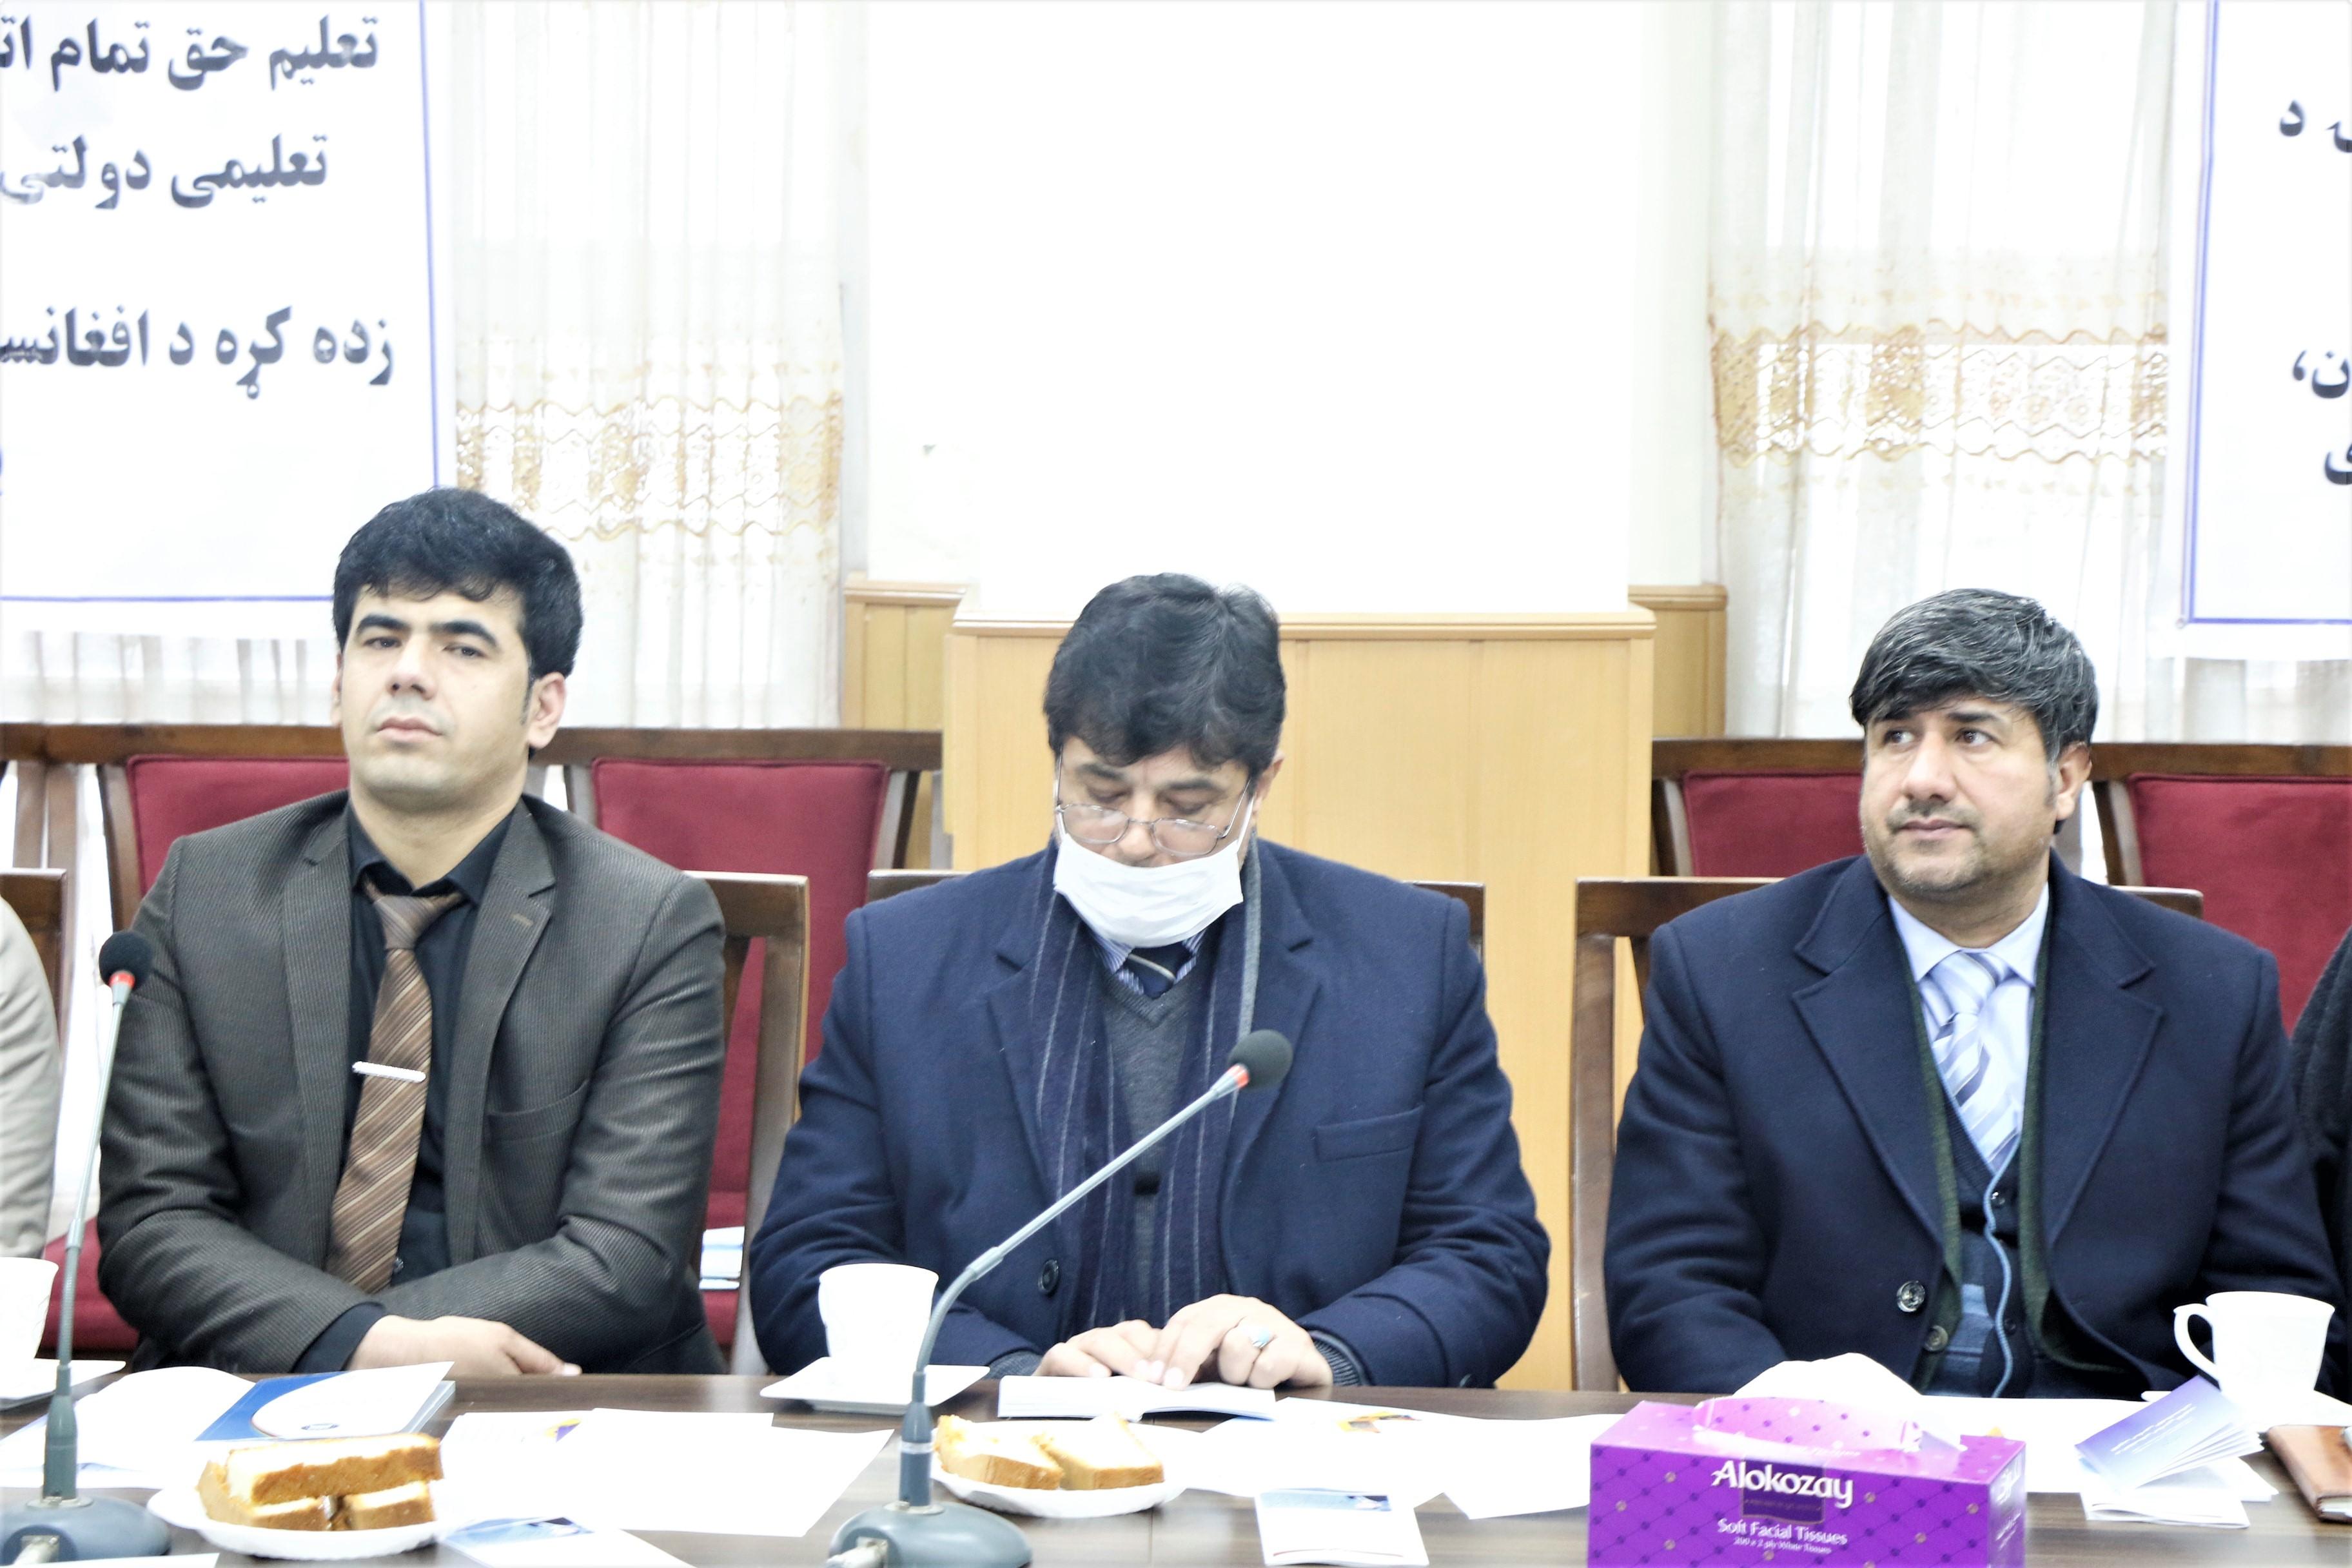 وزارت تحصیلات عالی نشان حاکمیت قانون را از سوی کمیسیون نظارت بر تطبیق قانون اساسی دریافت نمود